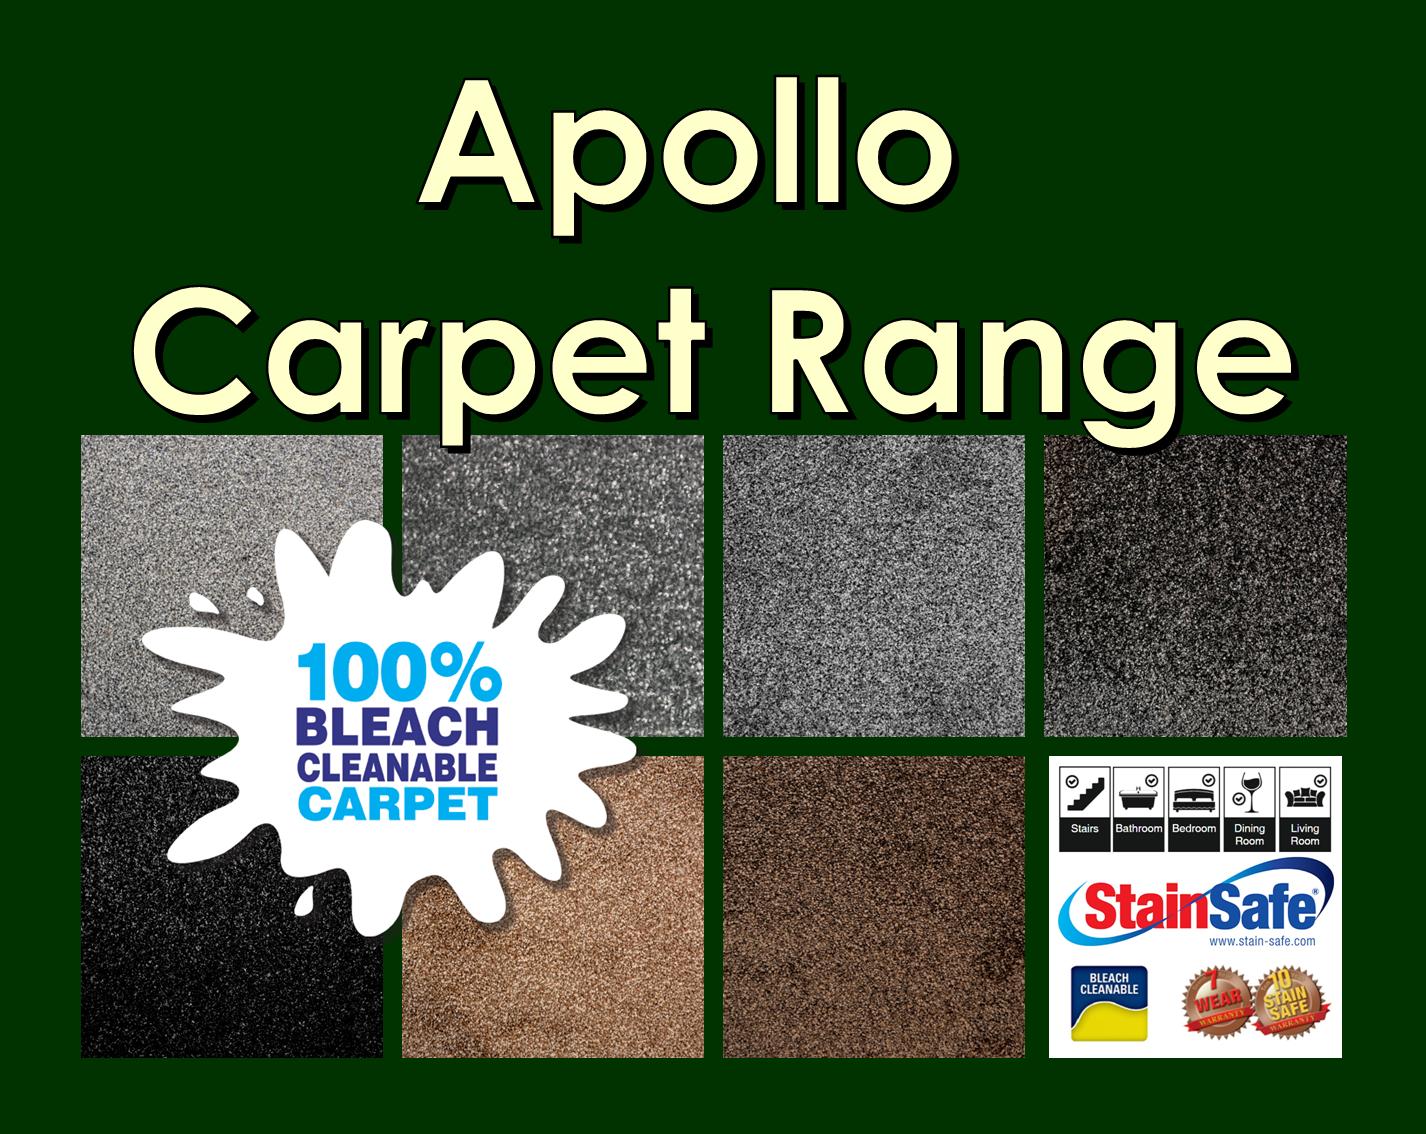 Apollo Carpet Range